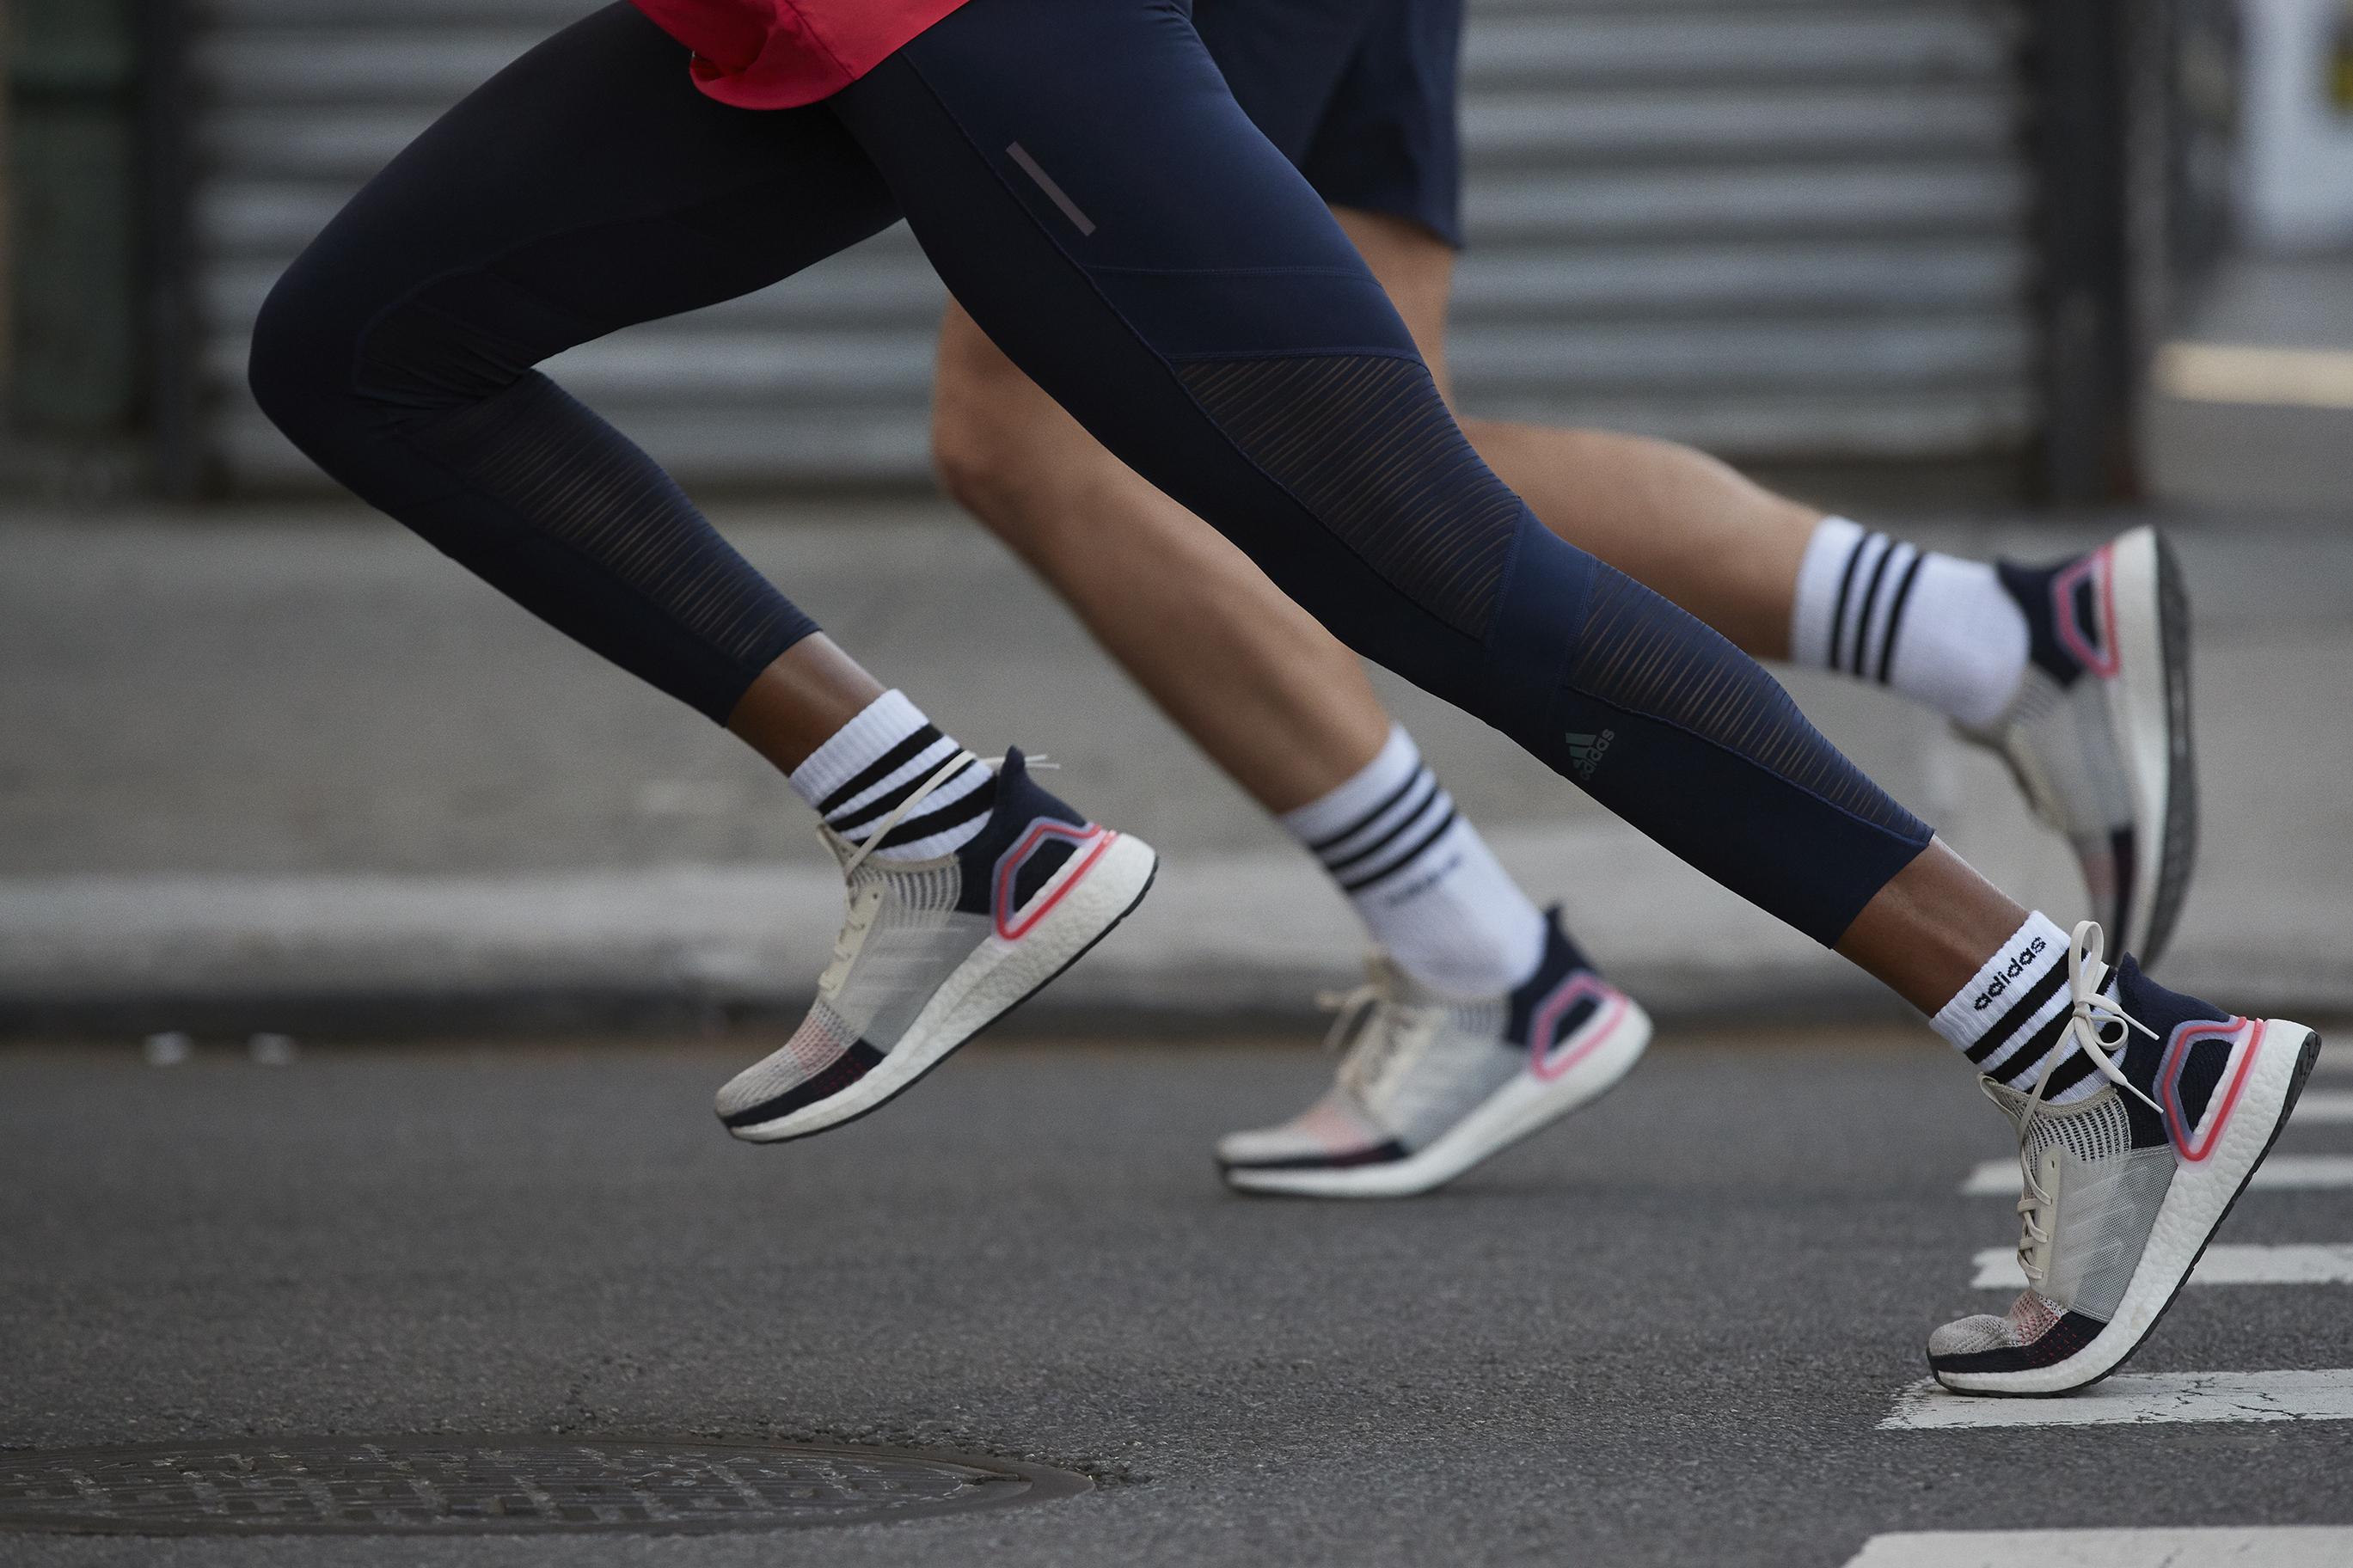 UltraBOOST 19: testamos o novo tênis de corrida da Adidas, mais macio e responsivo